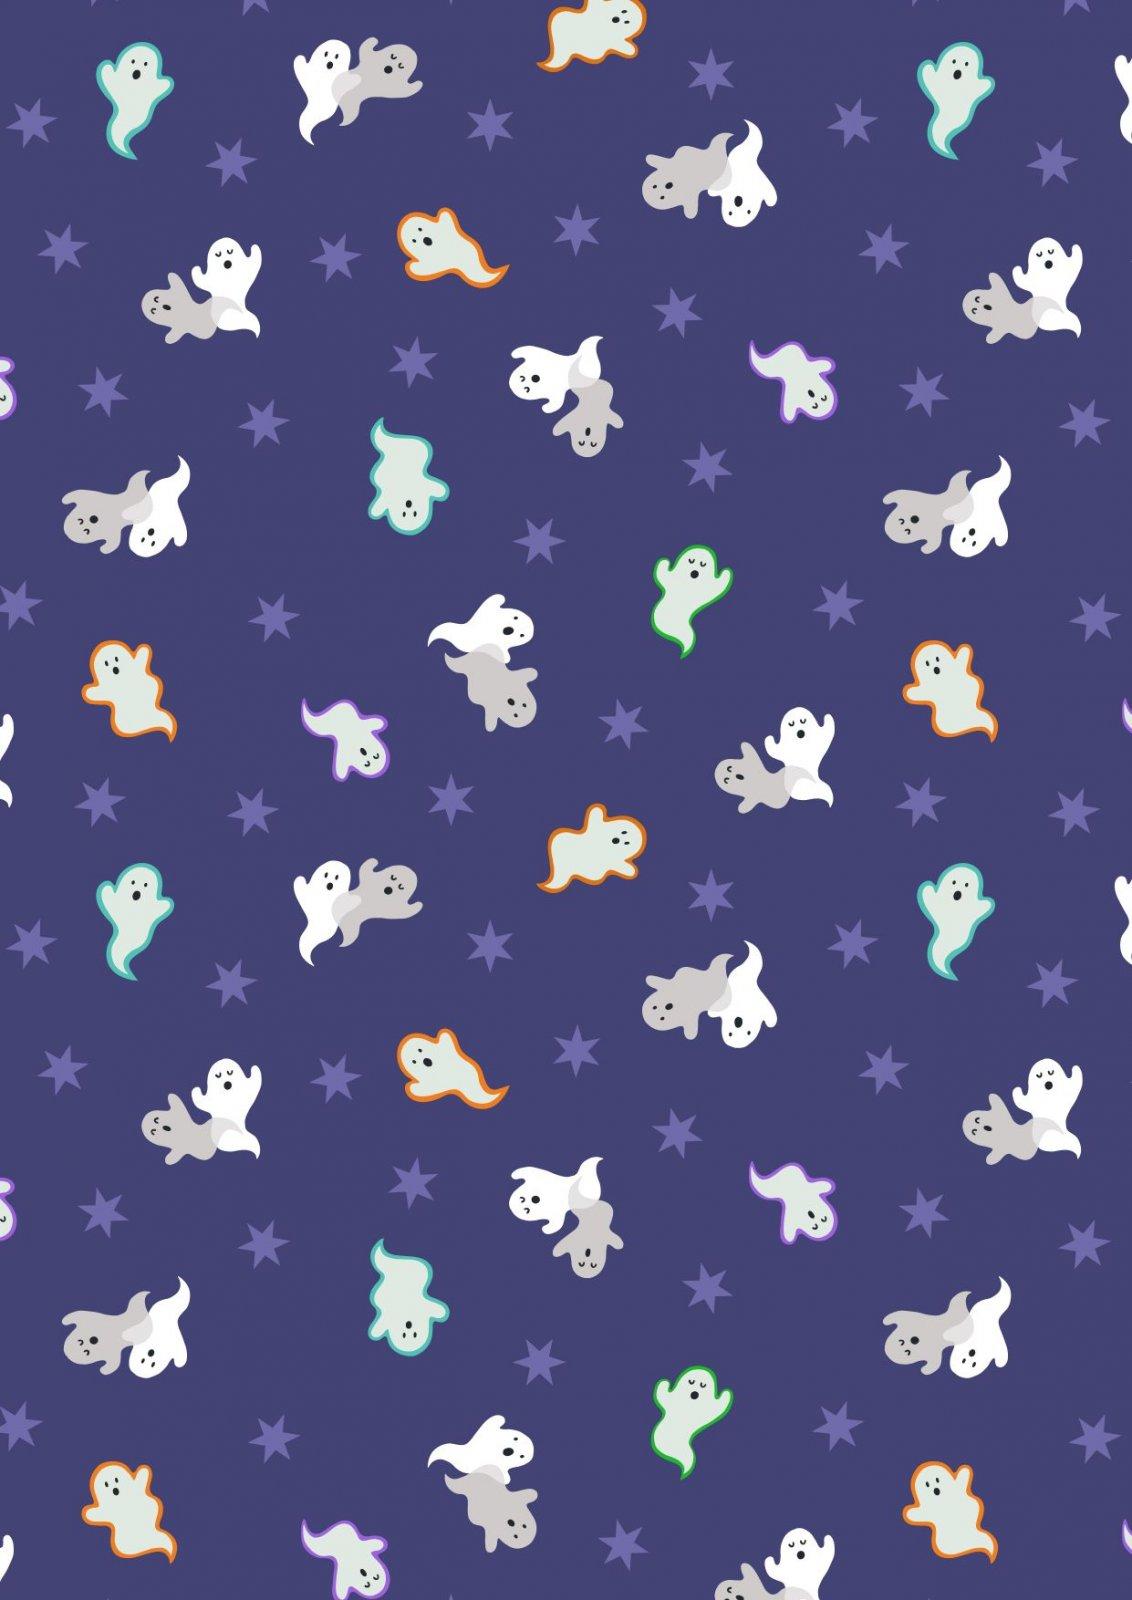 Castle Spooky Glow - Ghosts on Deep Blue by Lewis & Irene Fabrics